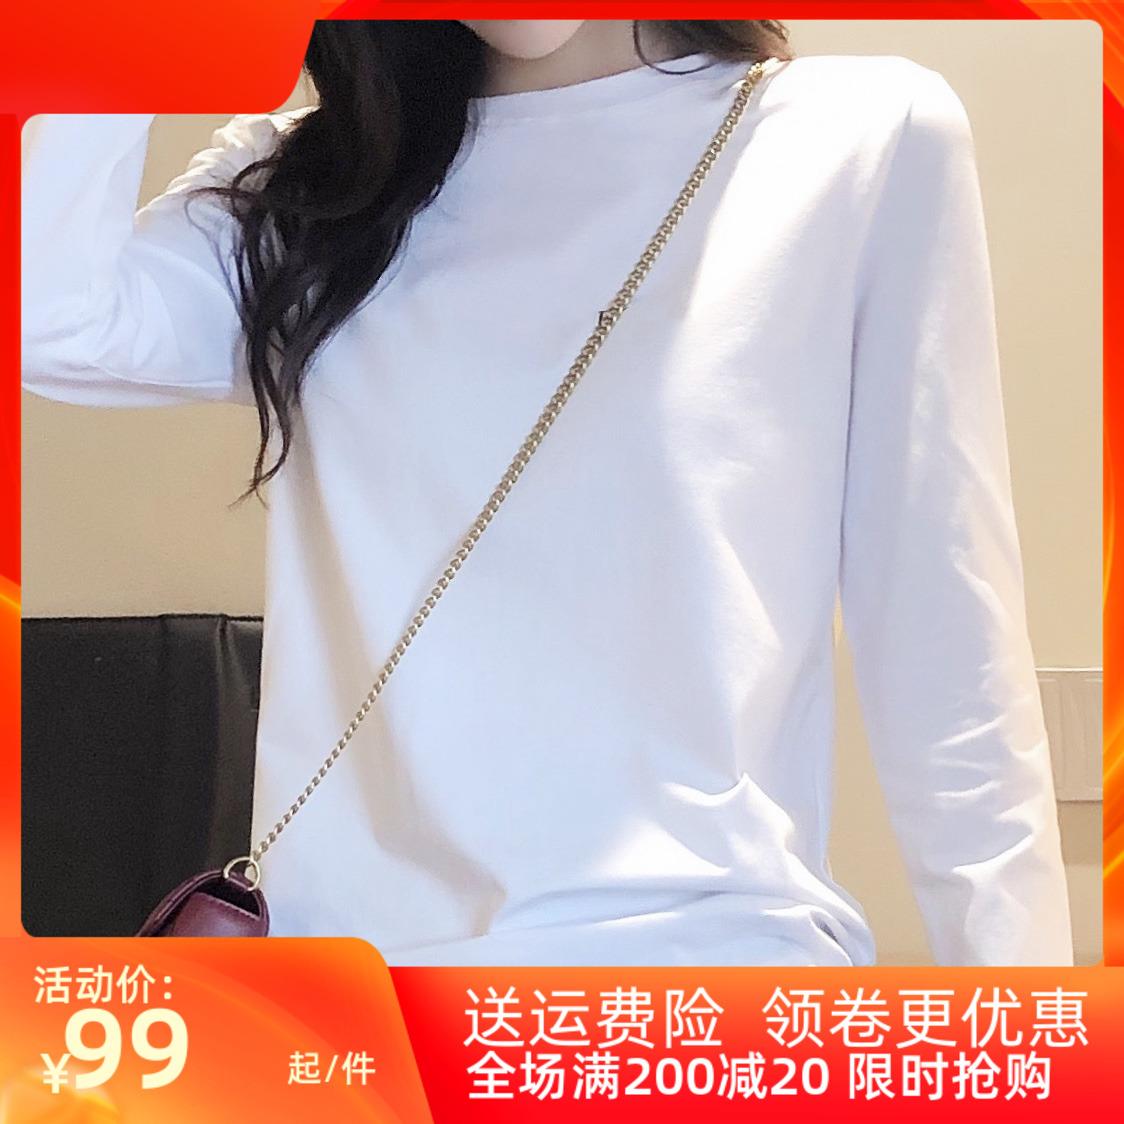 2021春季新款白色t恤长袖打底衫质量怎么样